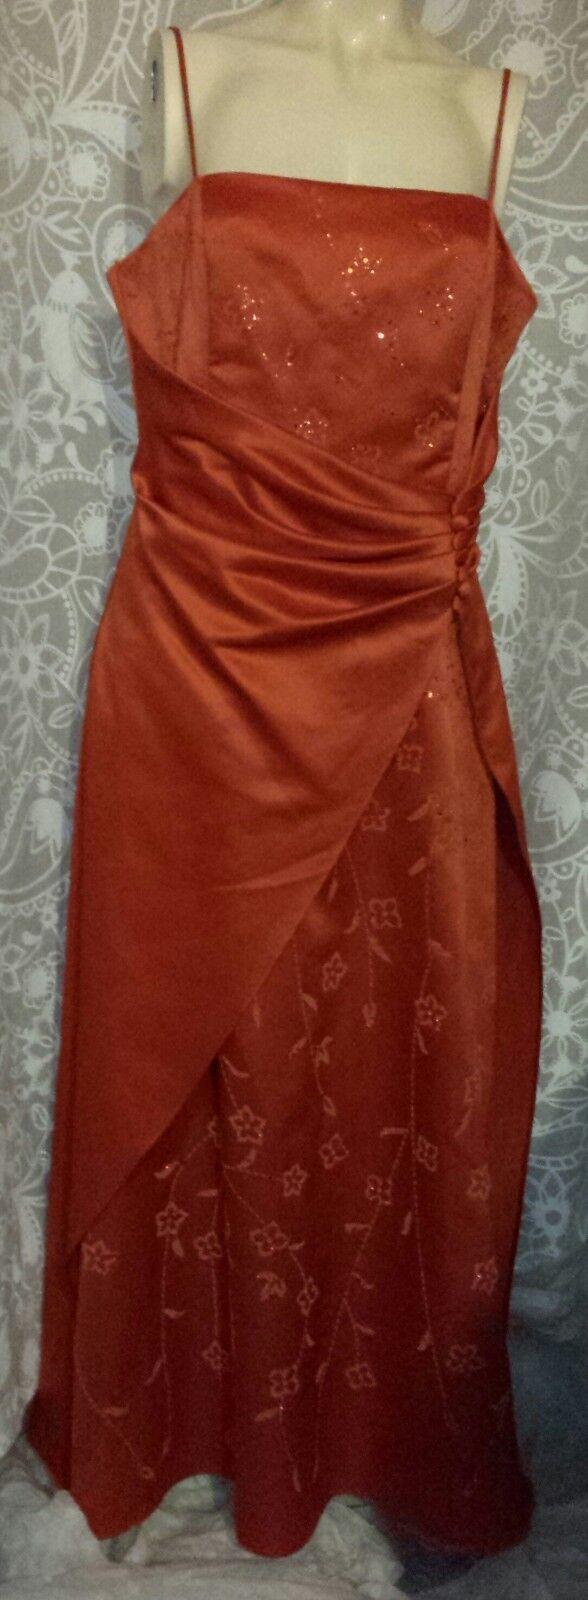 Gino Cerutti Orange 2 pièces Ltd Edition Taille L robe de soirée + étole Bnwt Rrp